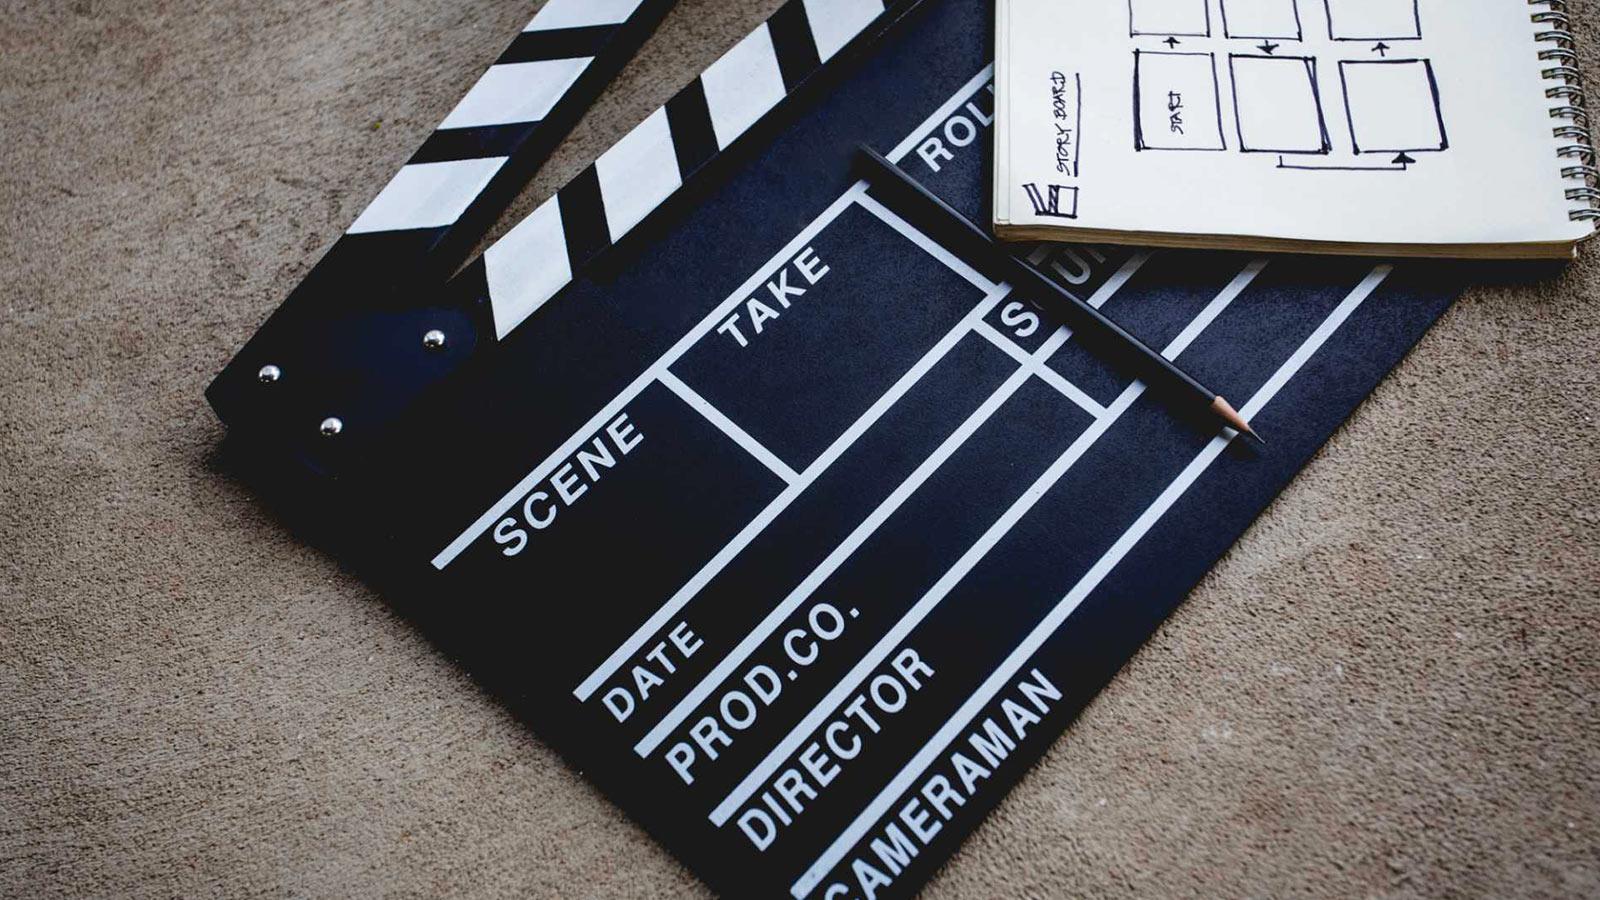 erros de producao de video 01a dumela - Confira os 5 erros de produção de vídeo mais comuns